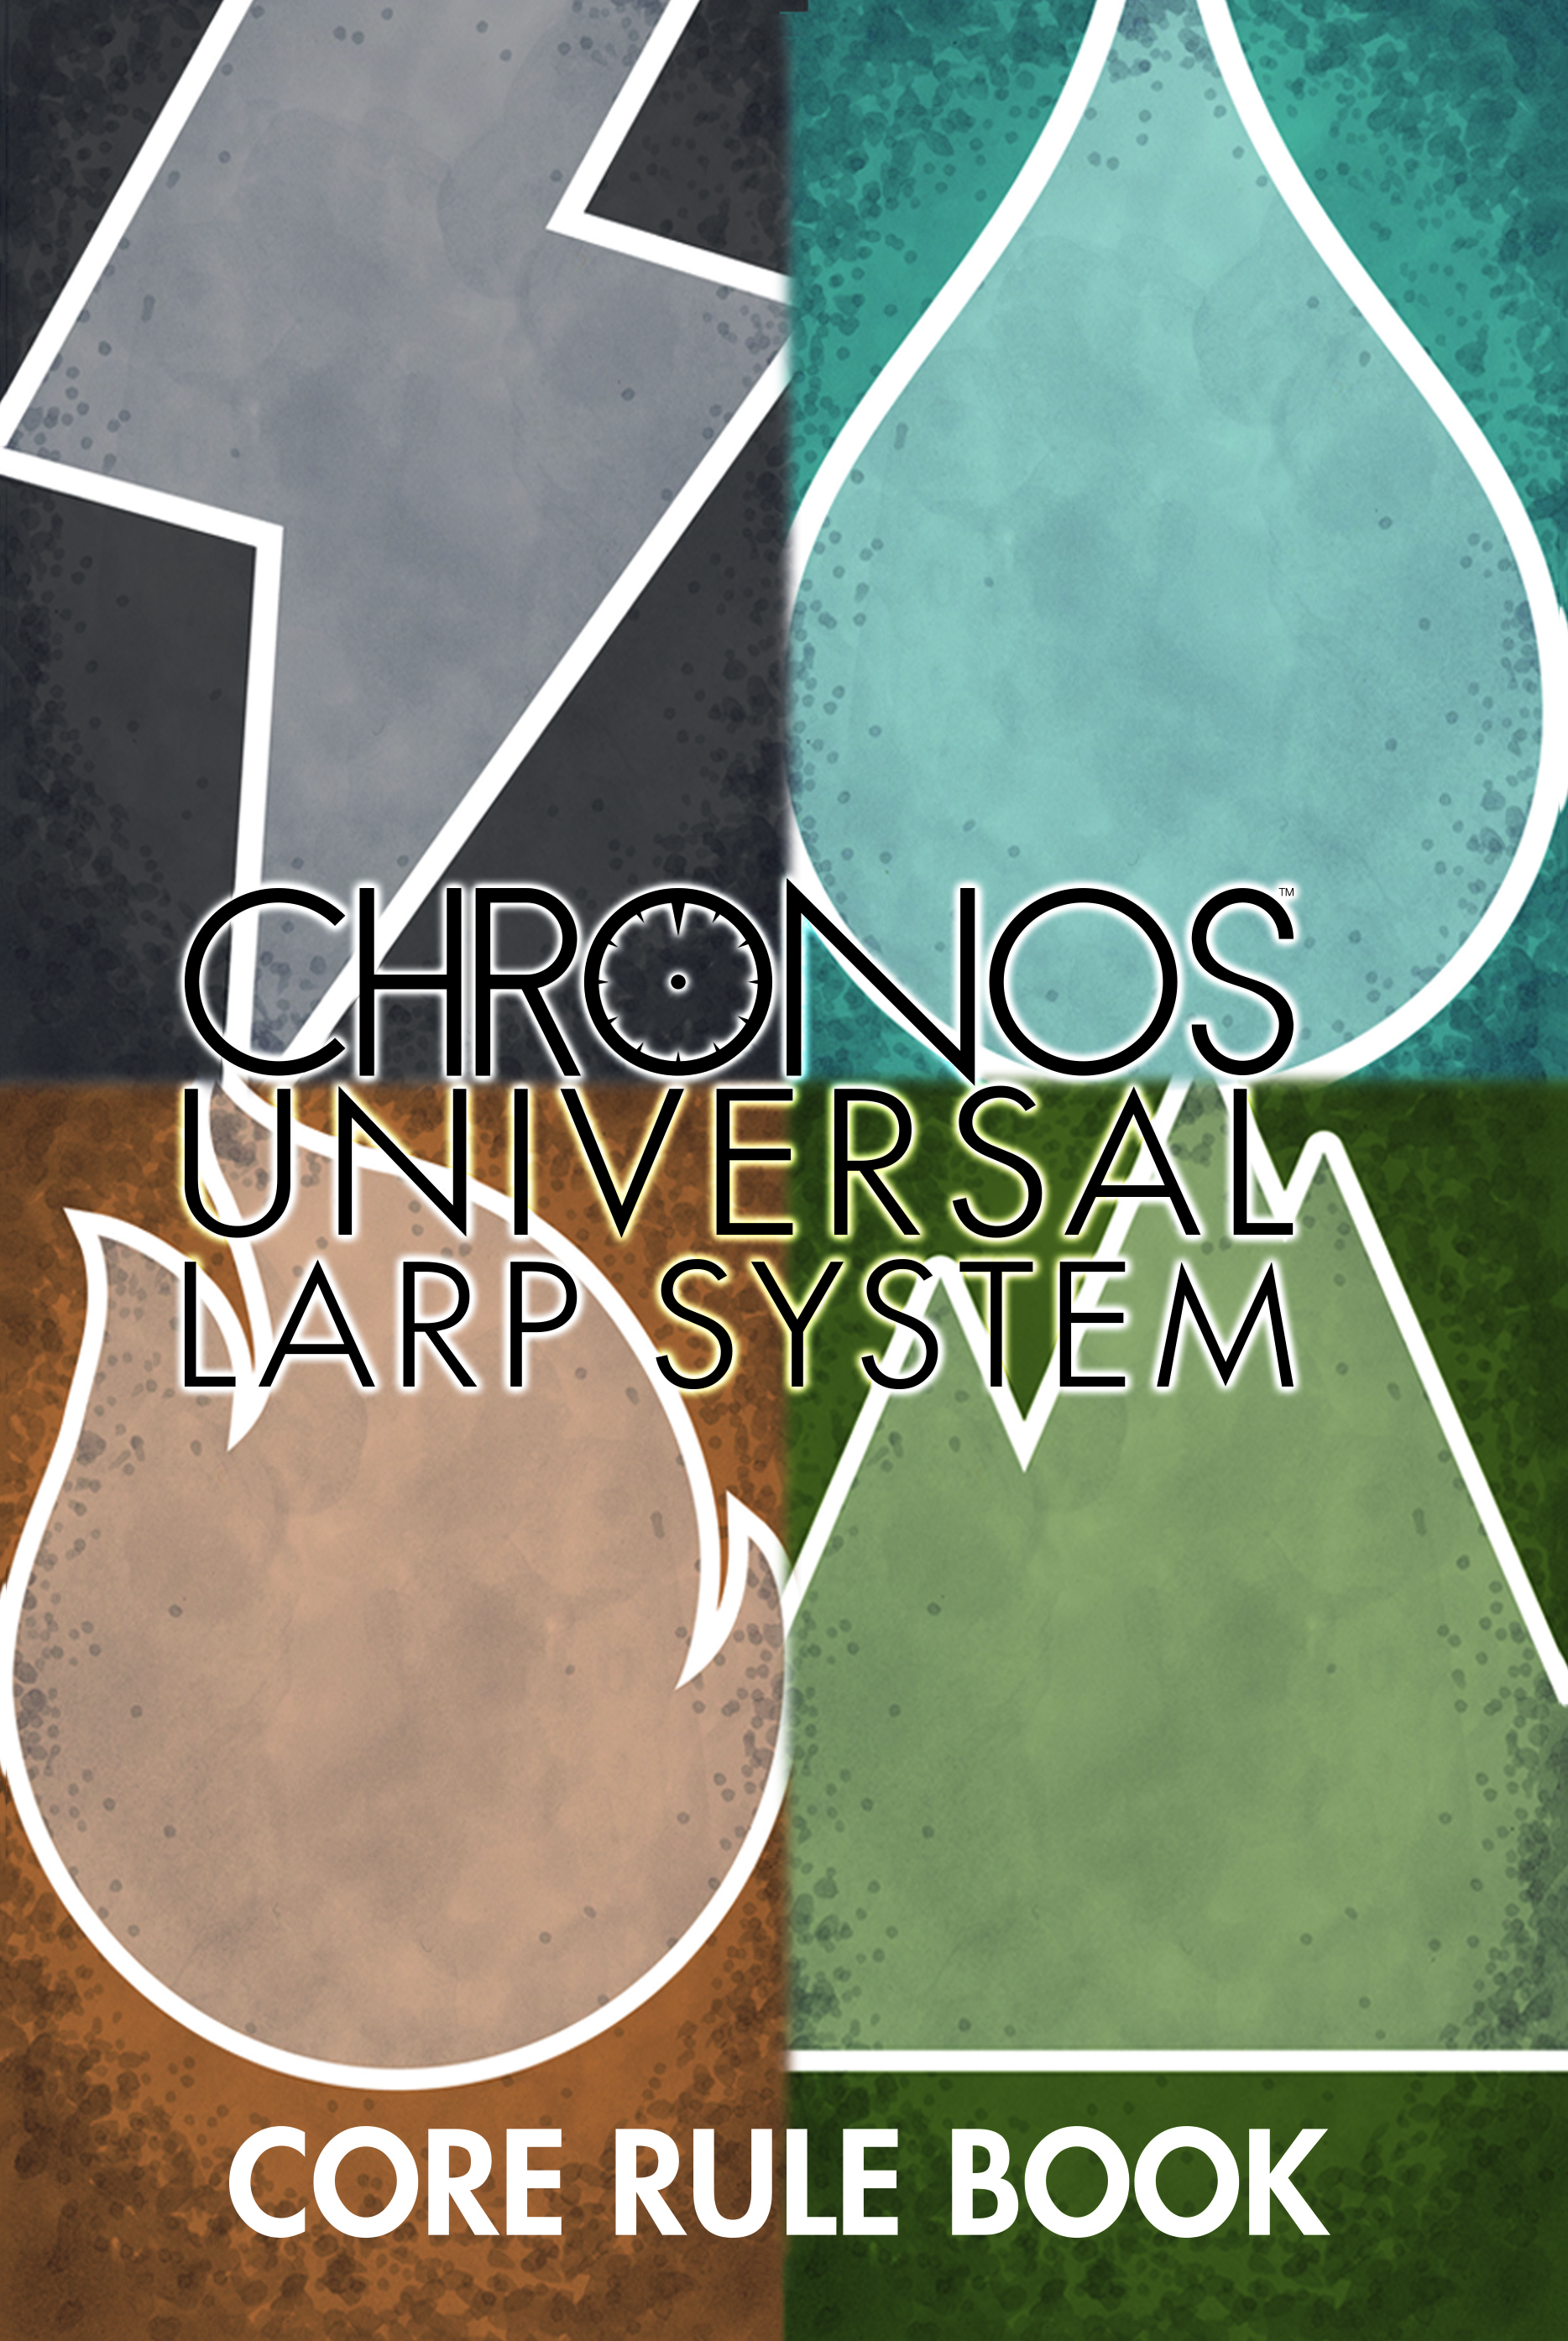 Chronos Rule Book Cover (CS) - Copy.jpg